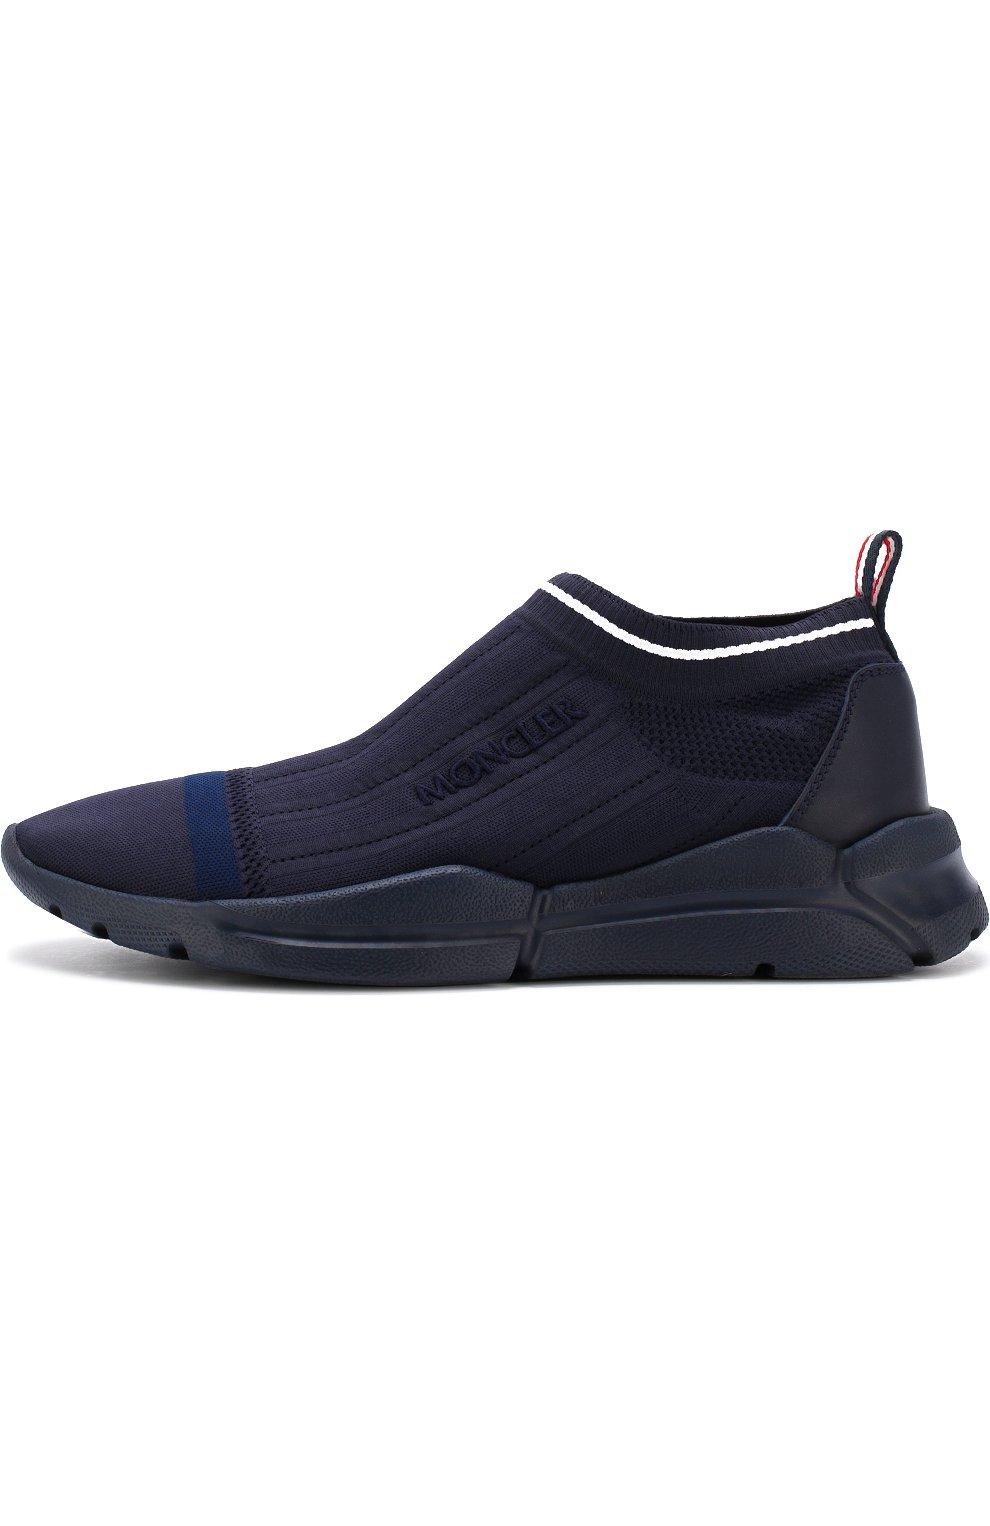 Мужские текстильные кроссовки без шнуровки  MONCLER темно-синего цвета, арт. D1-09A-10286-00-019MP | Фото 3